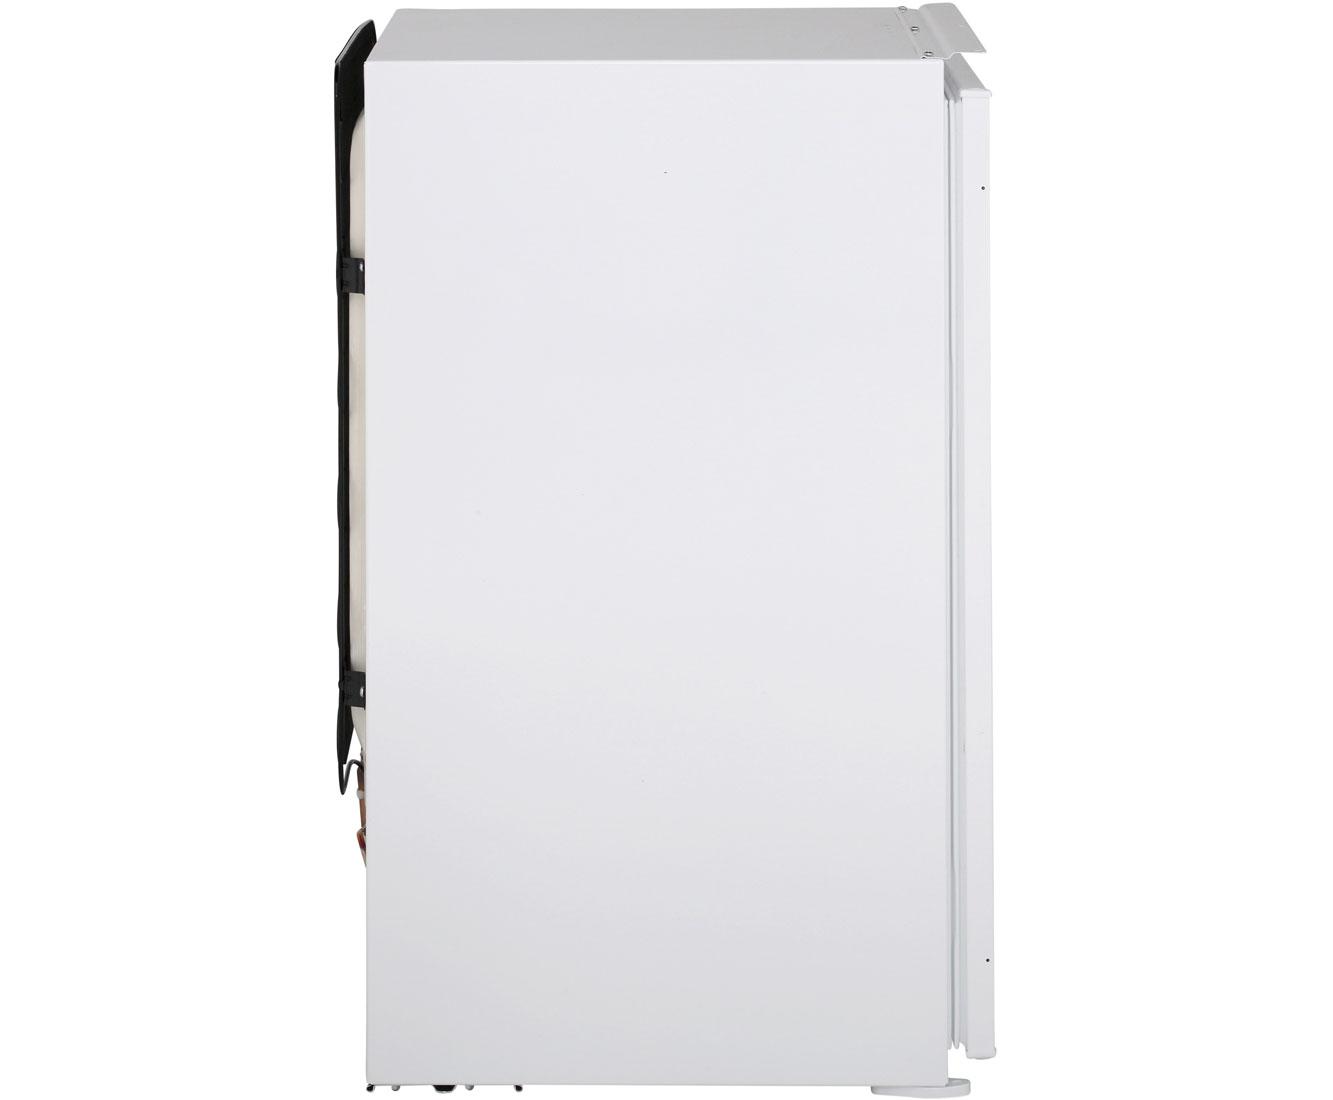 Gorenje Kühlschrank Brummt : Gorenje rbi 4093 aw einbau kühlschrank mit gefrierfach 88er nische